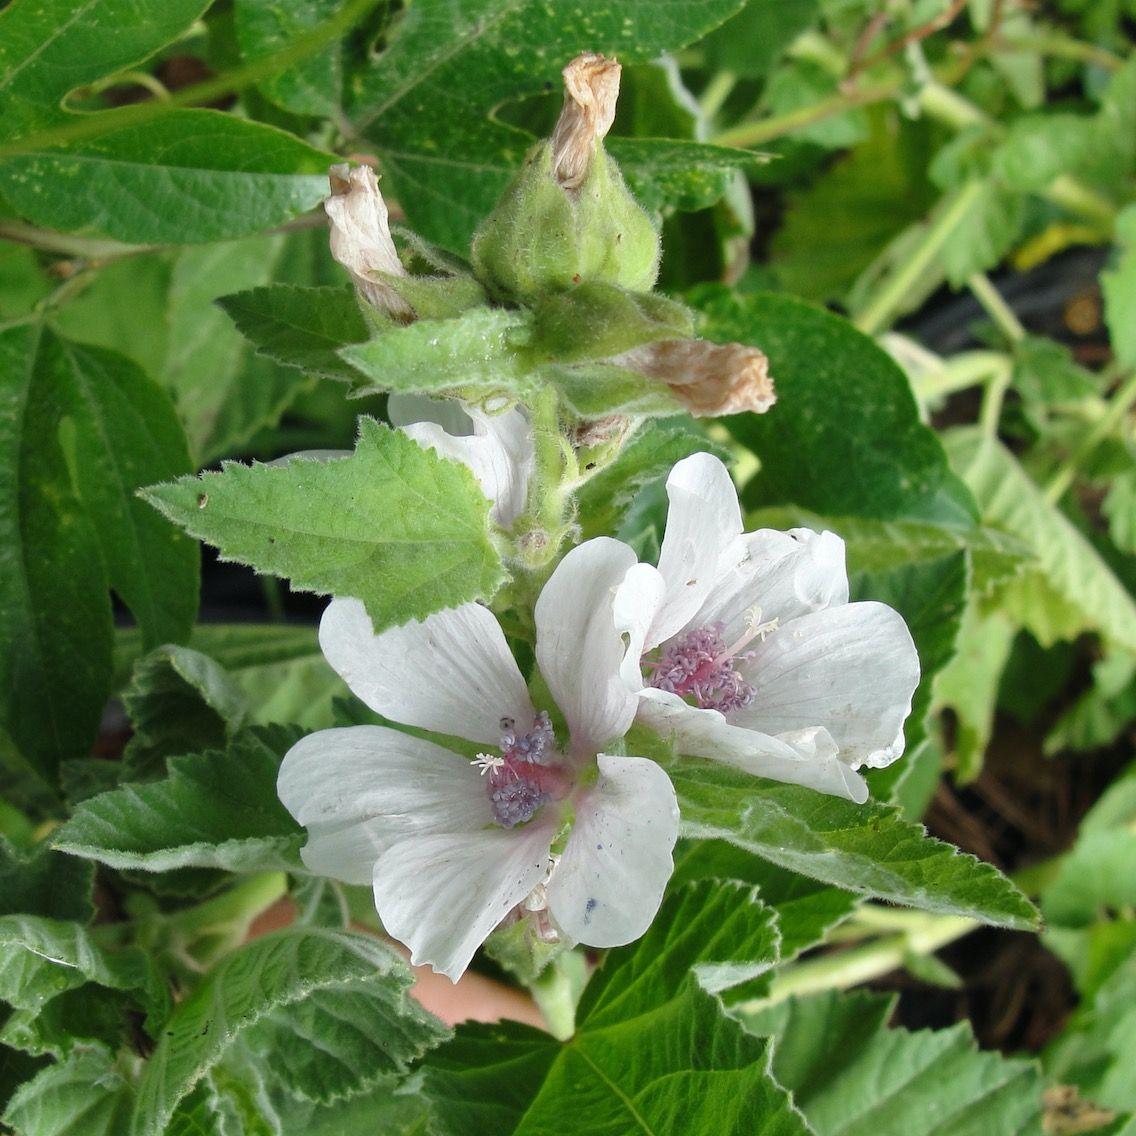 Belles fleurs blanches racines remplies de mucilages for Jardin de fleurs blanches